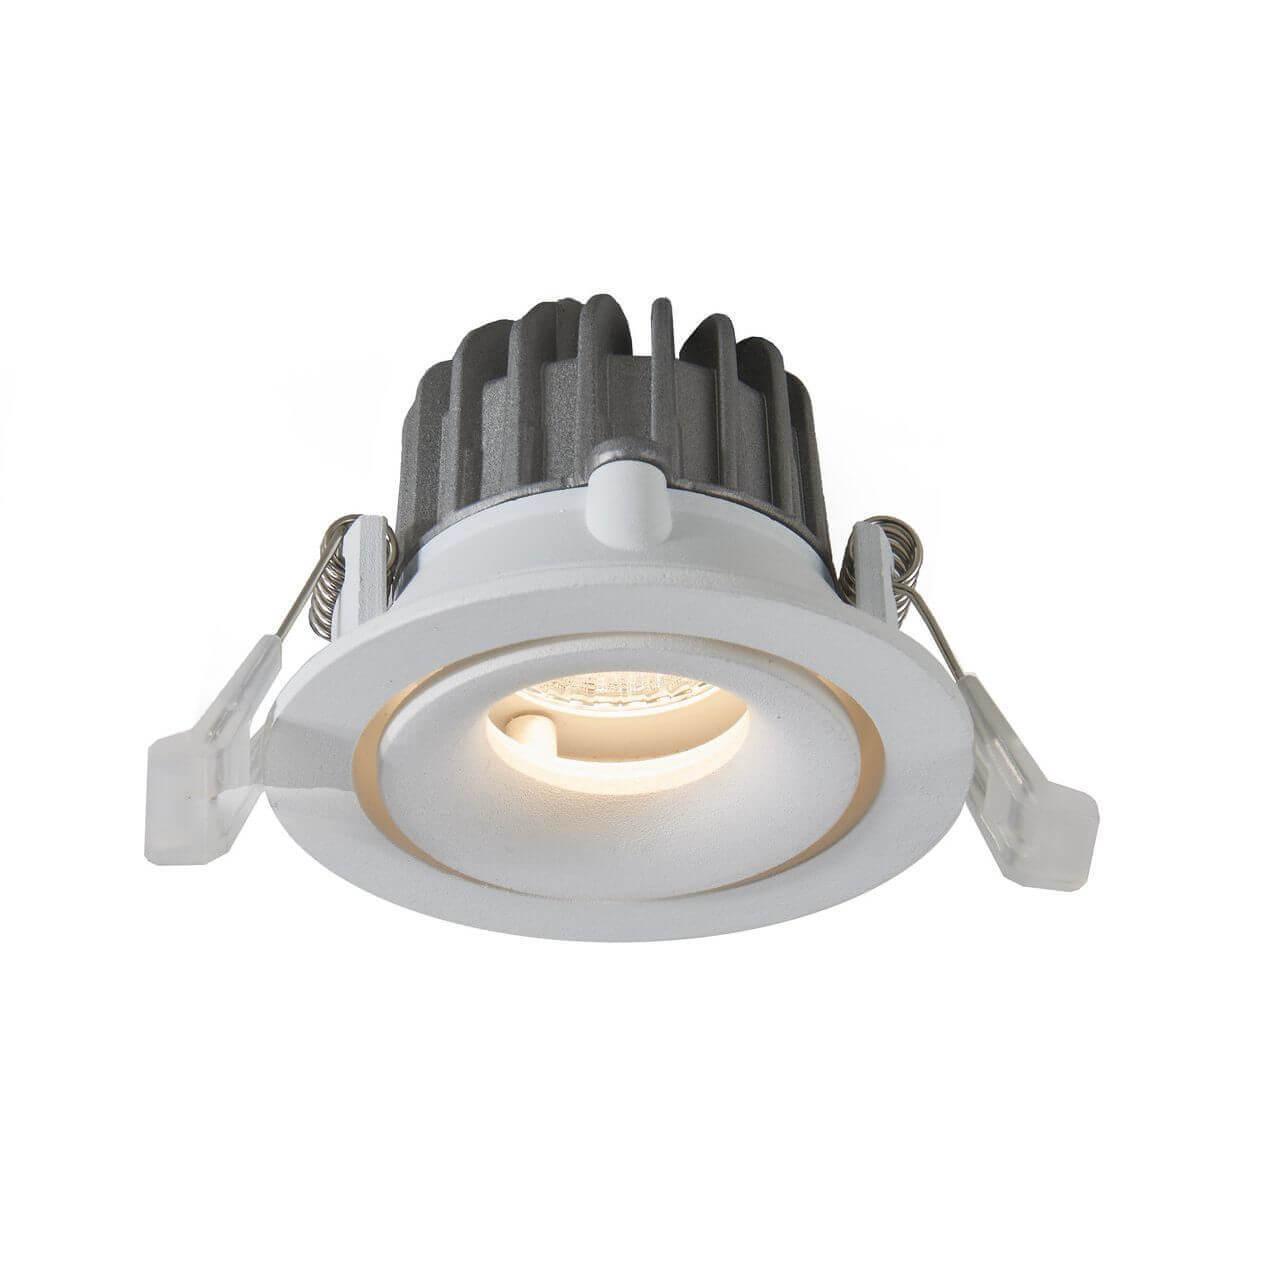 Встраиваемый светодиодный светильник Arte Lamp Apertura A3310PL-1WH встраиваемый светодиодный светильник arte lamp apertura a3315pl 1wh